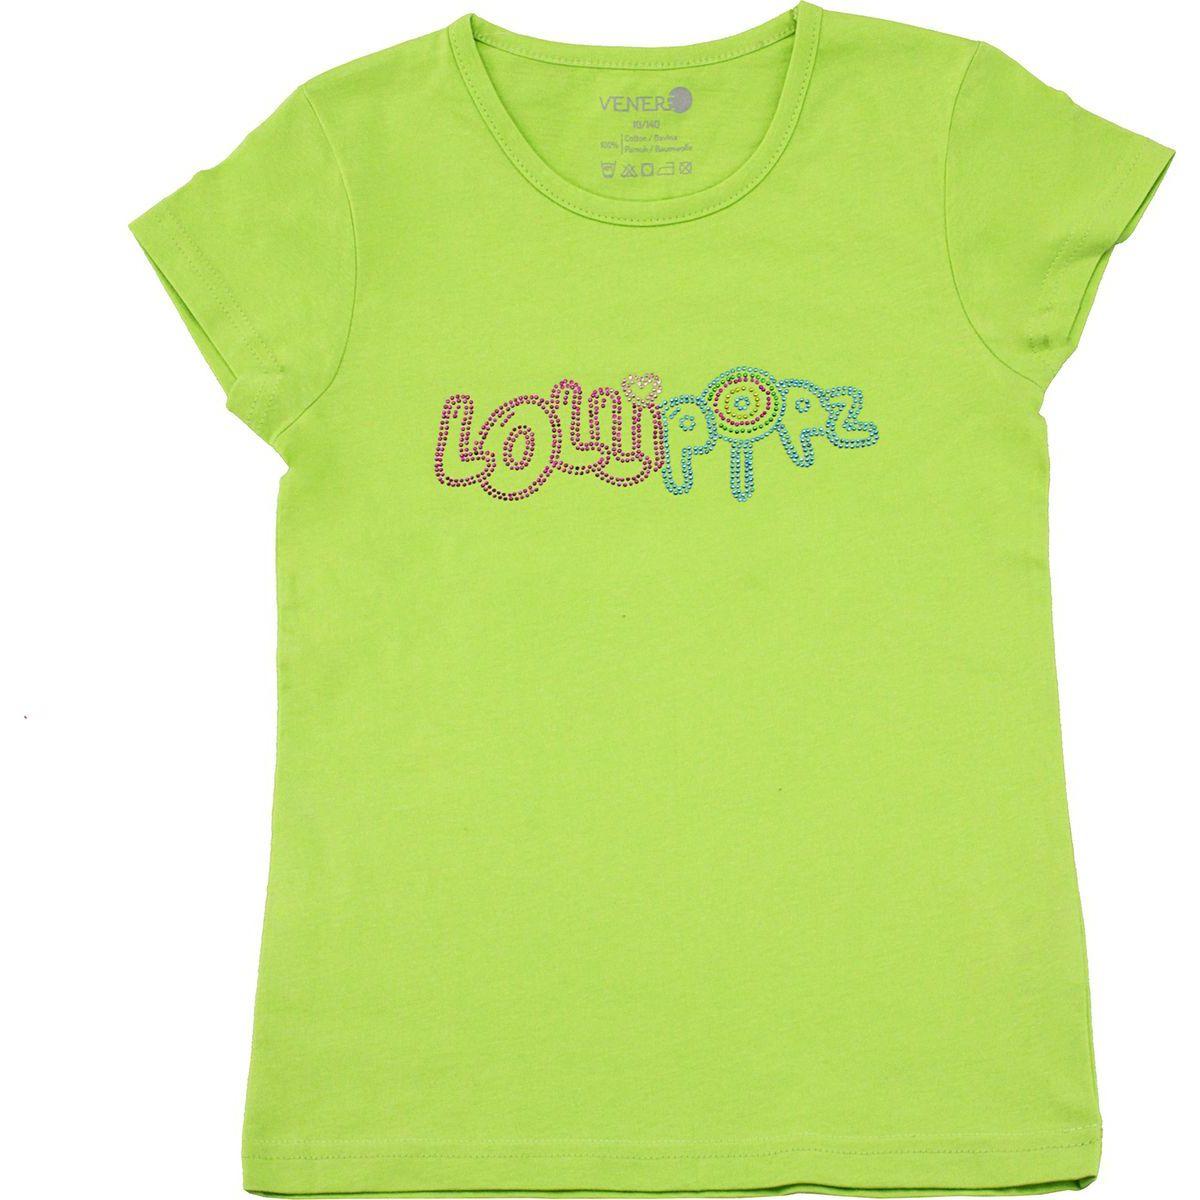 Tričko Lollipopz s kamínkovou aplikací zelené, velikost 140 cm (10 let)